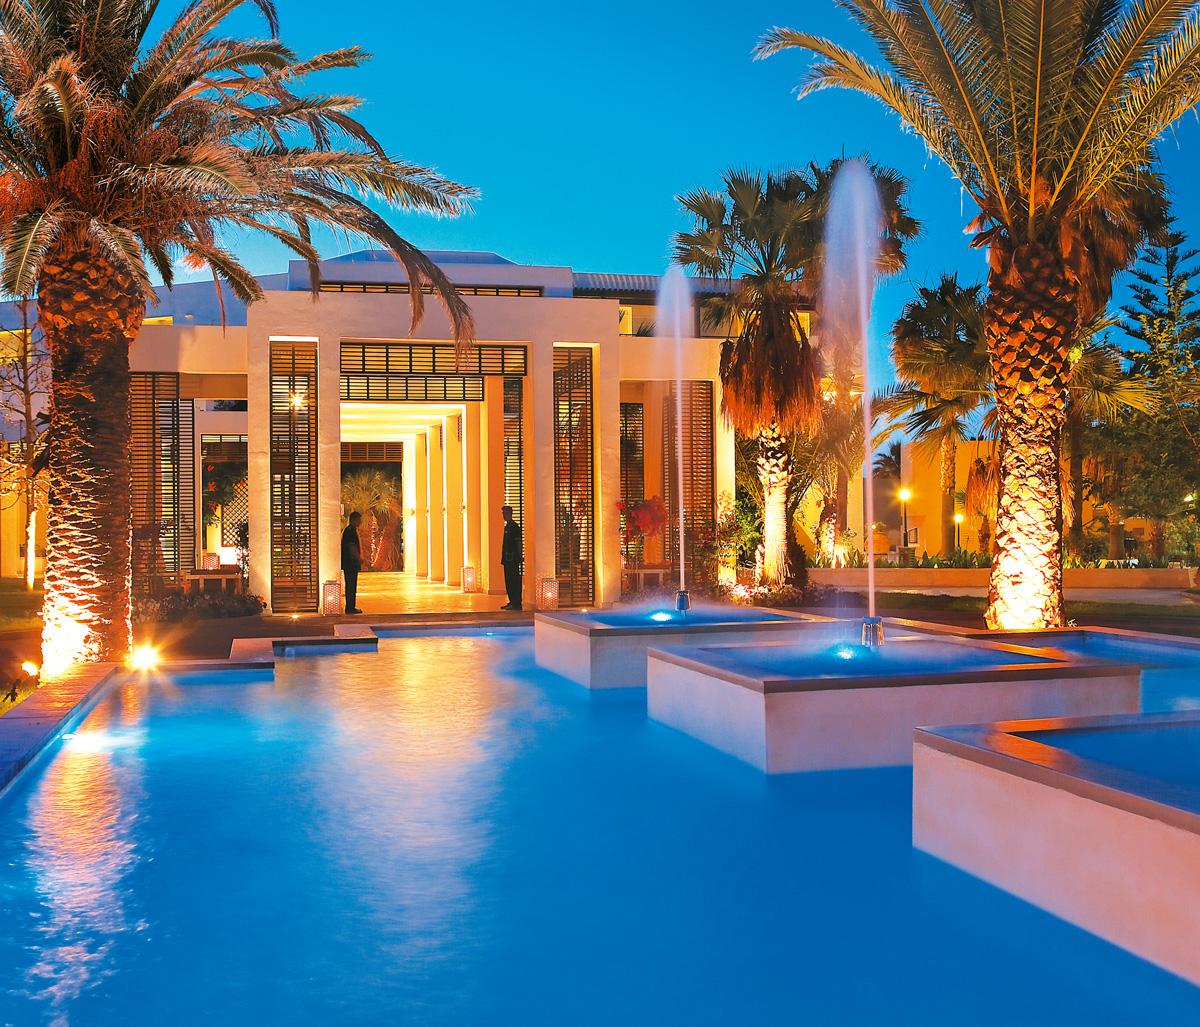 Das Luxury Casino